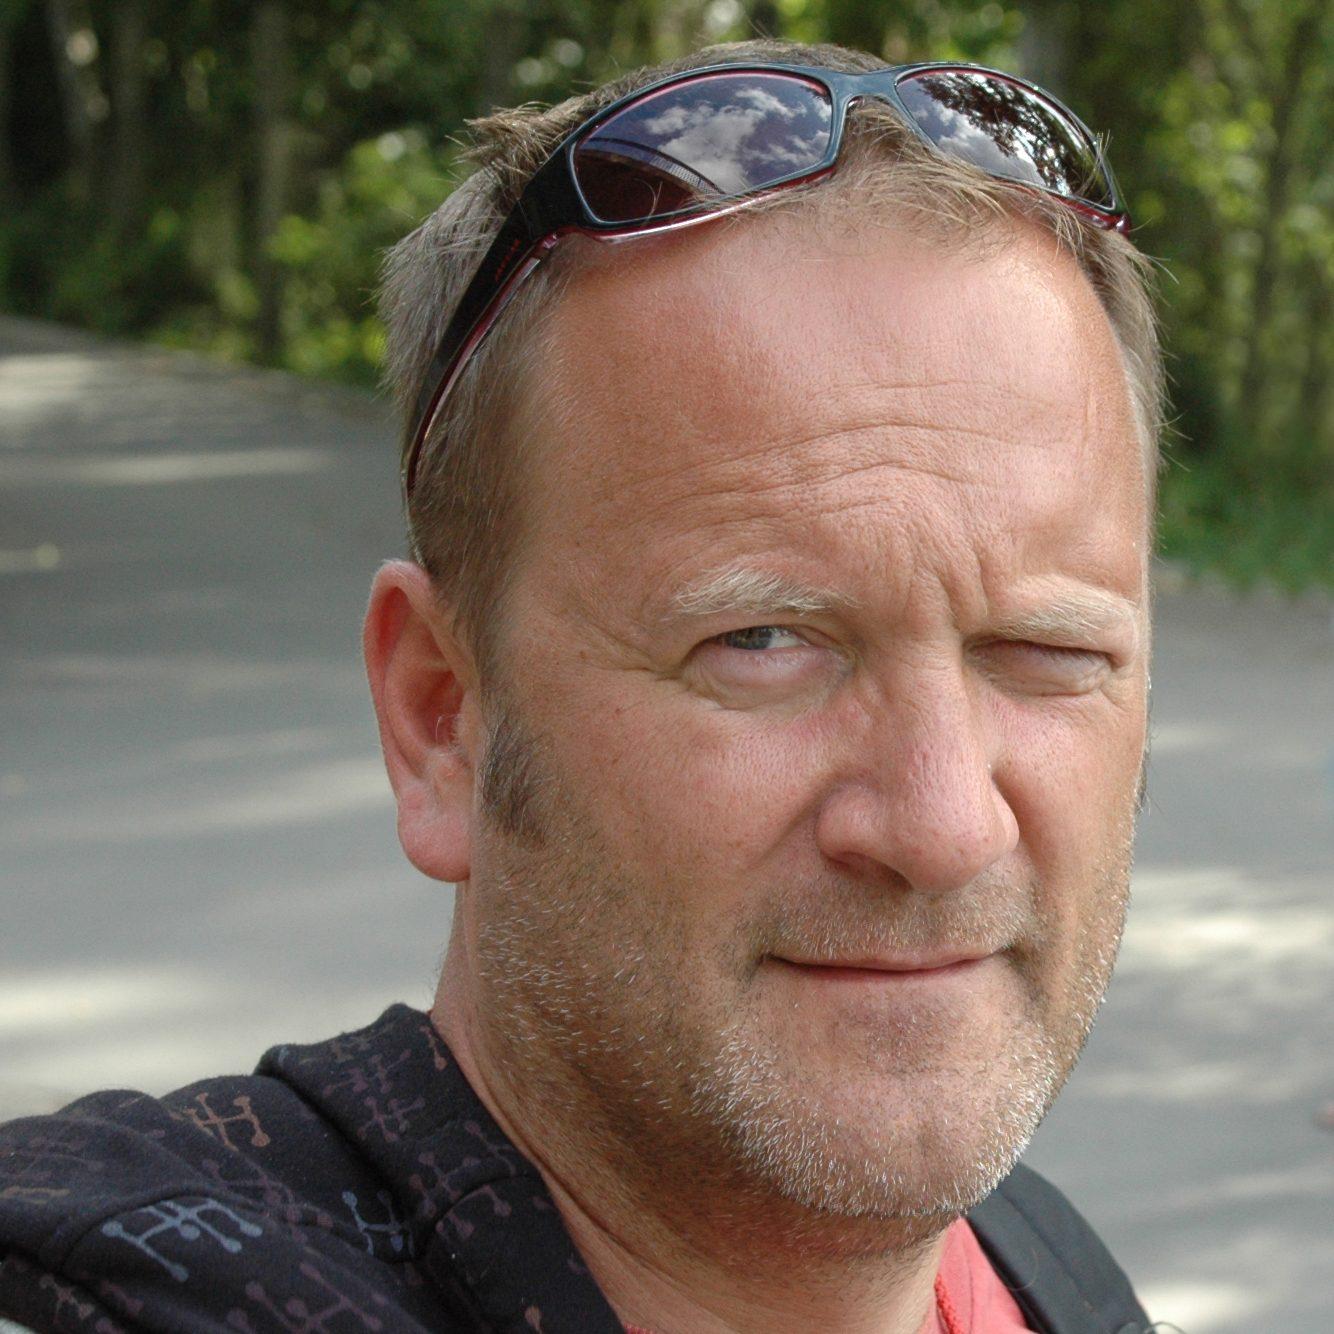 Felix Böhme